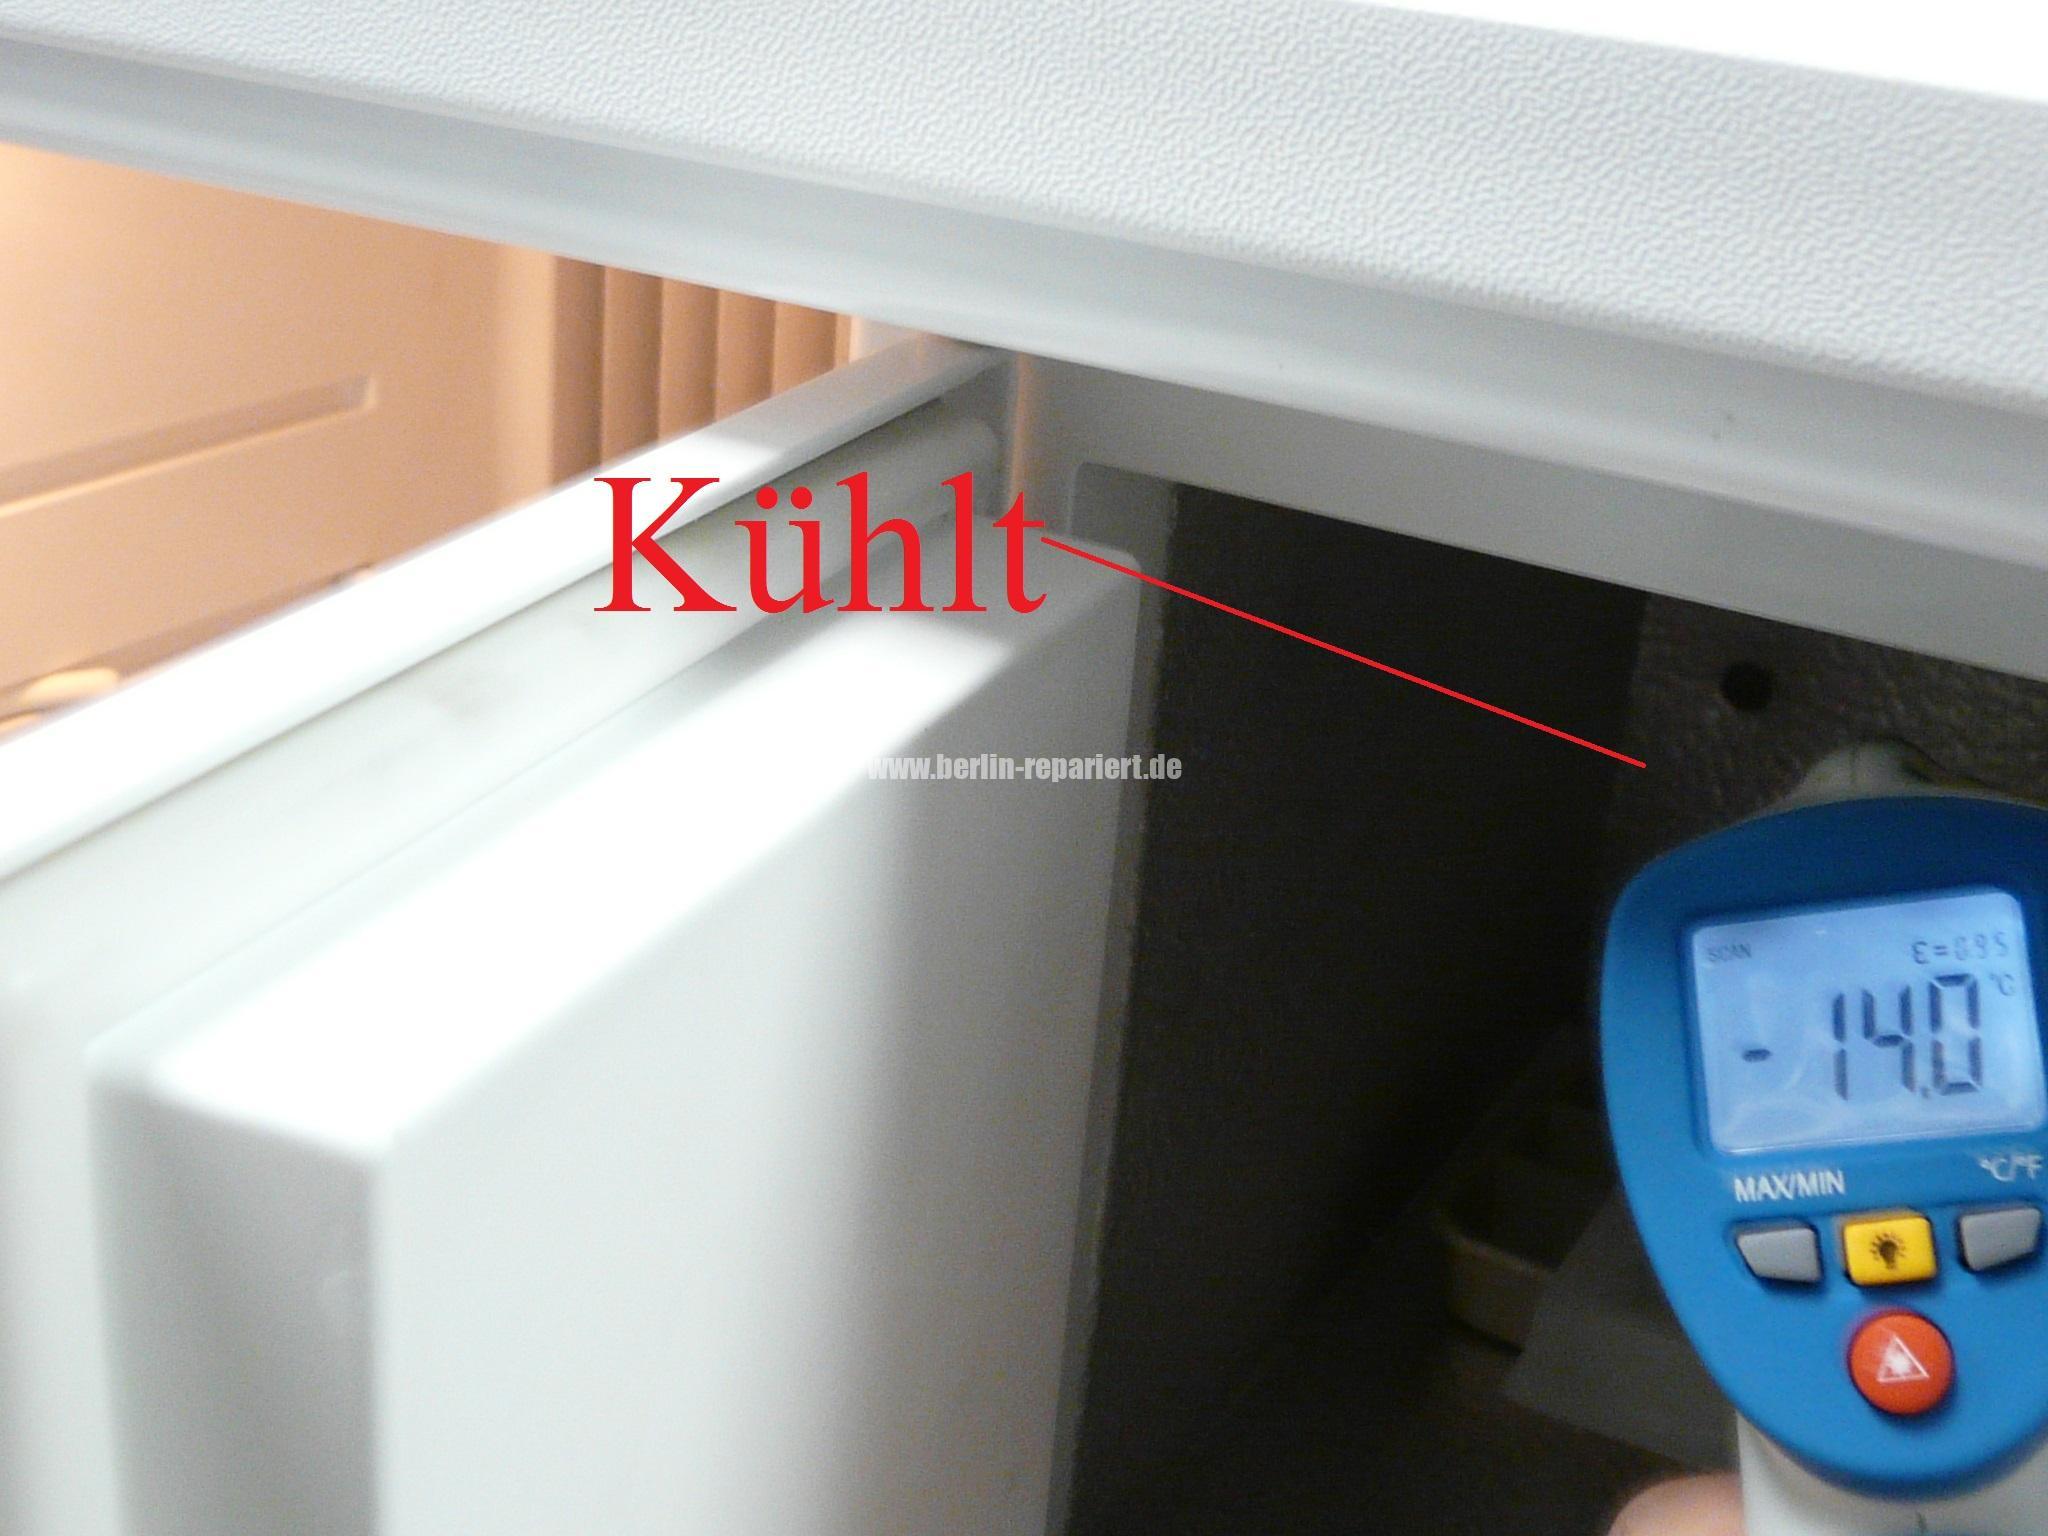 Smeg Kühlschrank Kühlt Nicht Mehr : Dometic a e peltier kühlschrank kühlt nicht u atlas multimedia